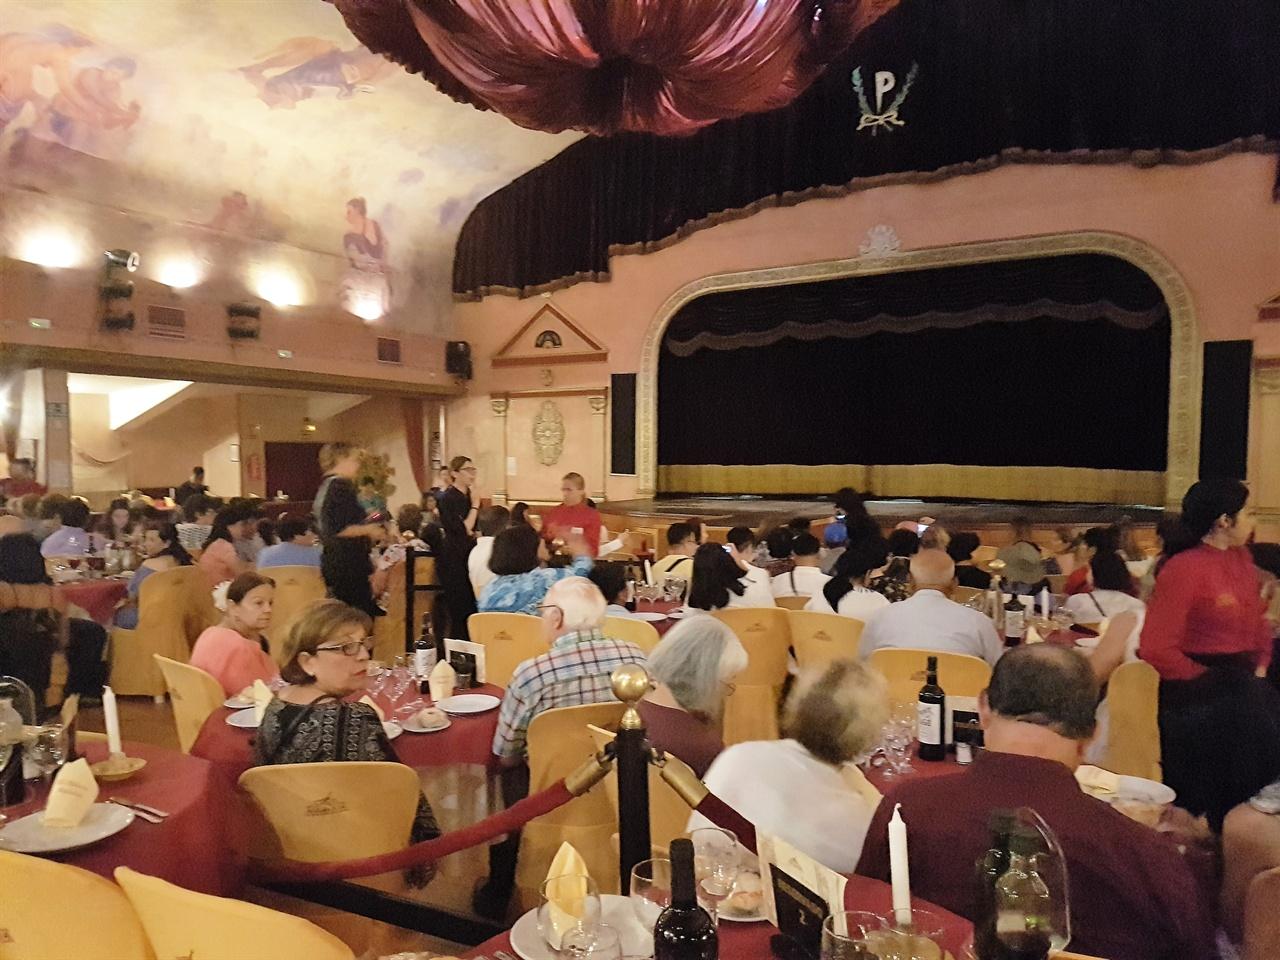 우리 찾아간 세비야의 플라멩코 타불라오. 극장식 카페와 비슷하였습니다.